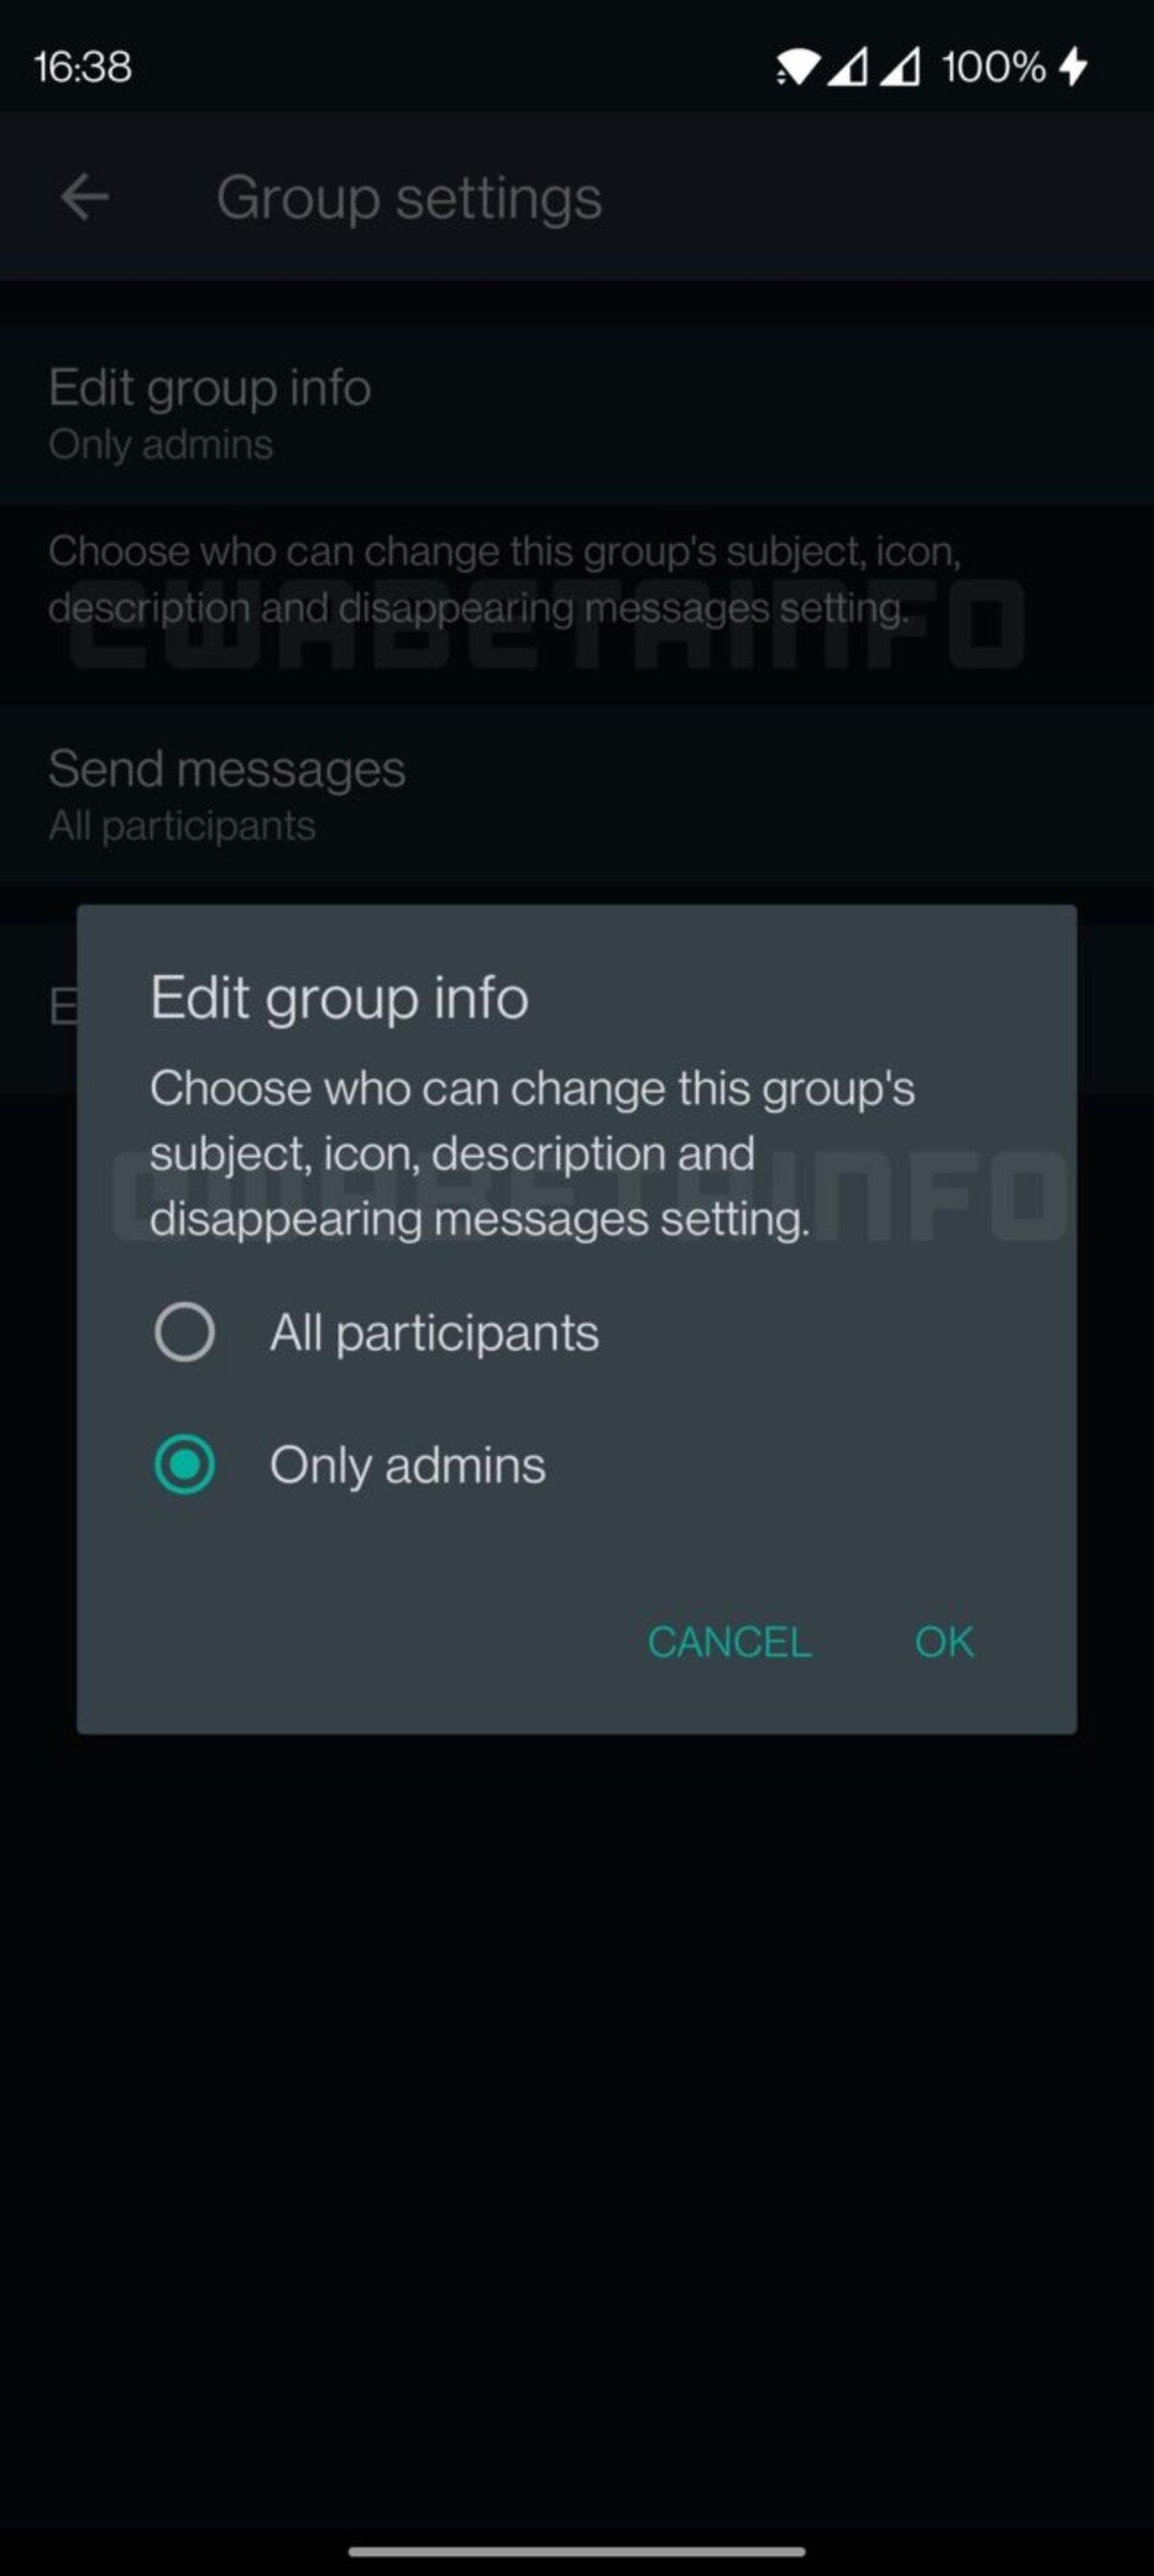 C'est le menu à partir duquel l'activation des messages temporaires par n'importe quel membre du groupe peut être activée ou désactivée